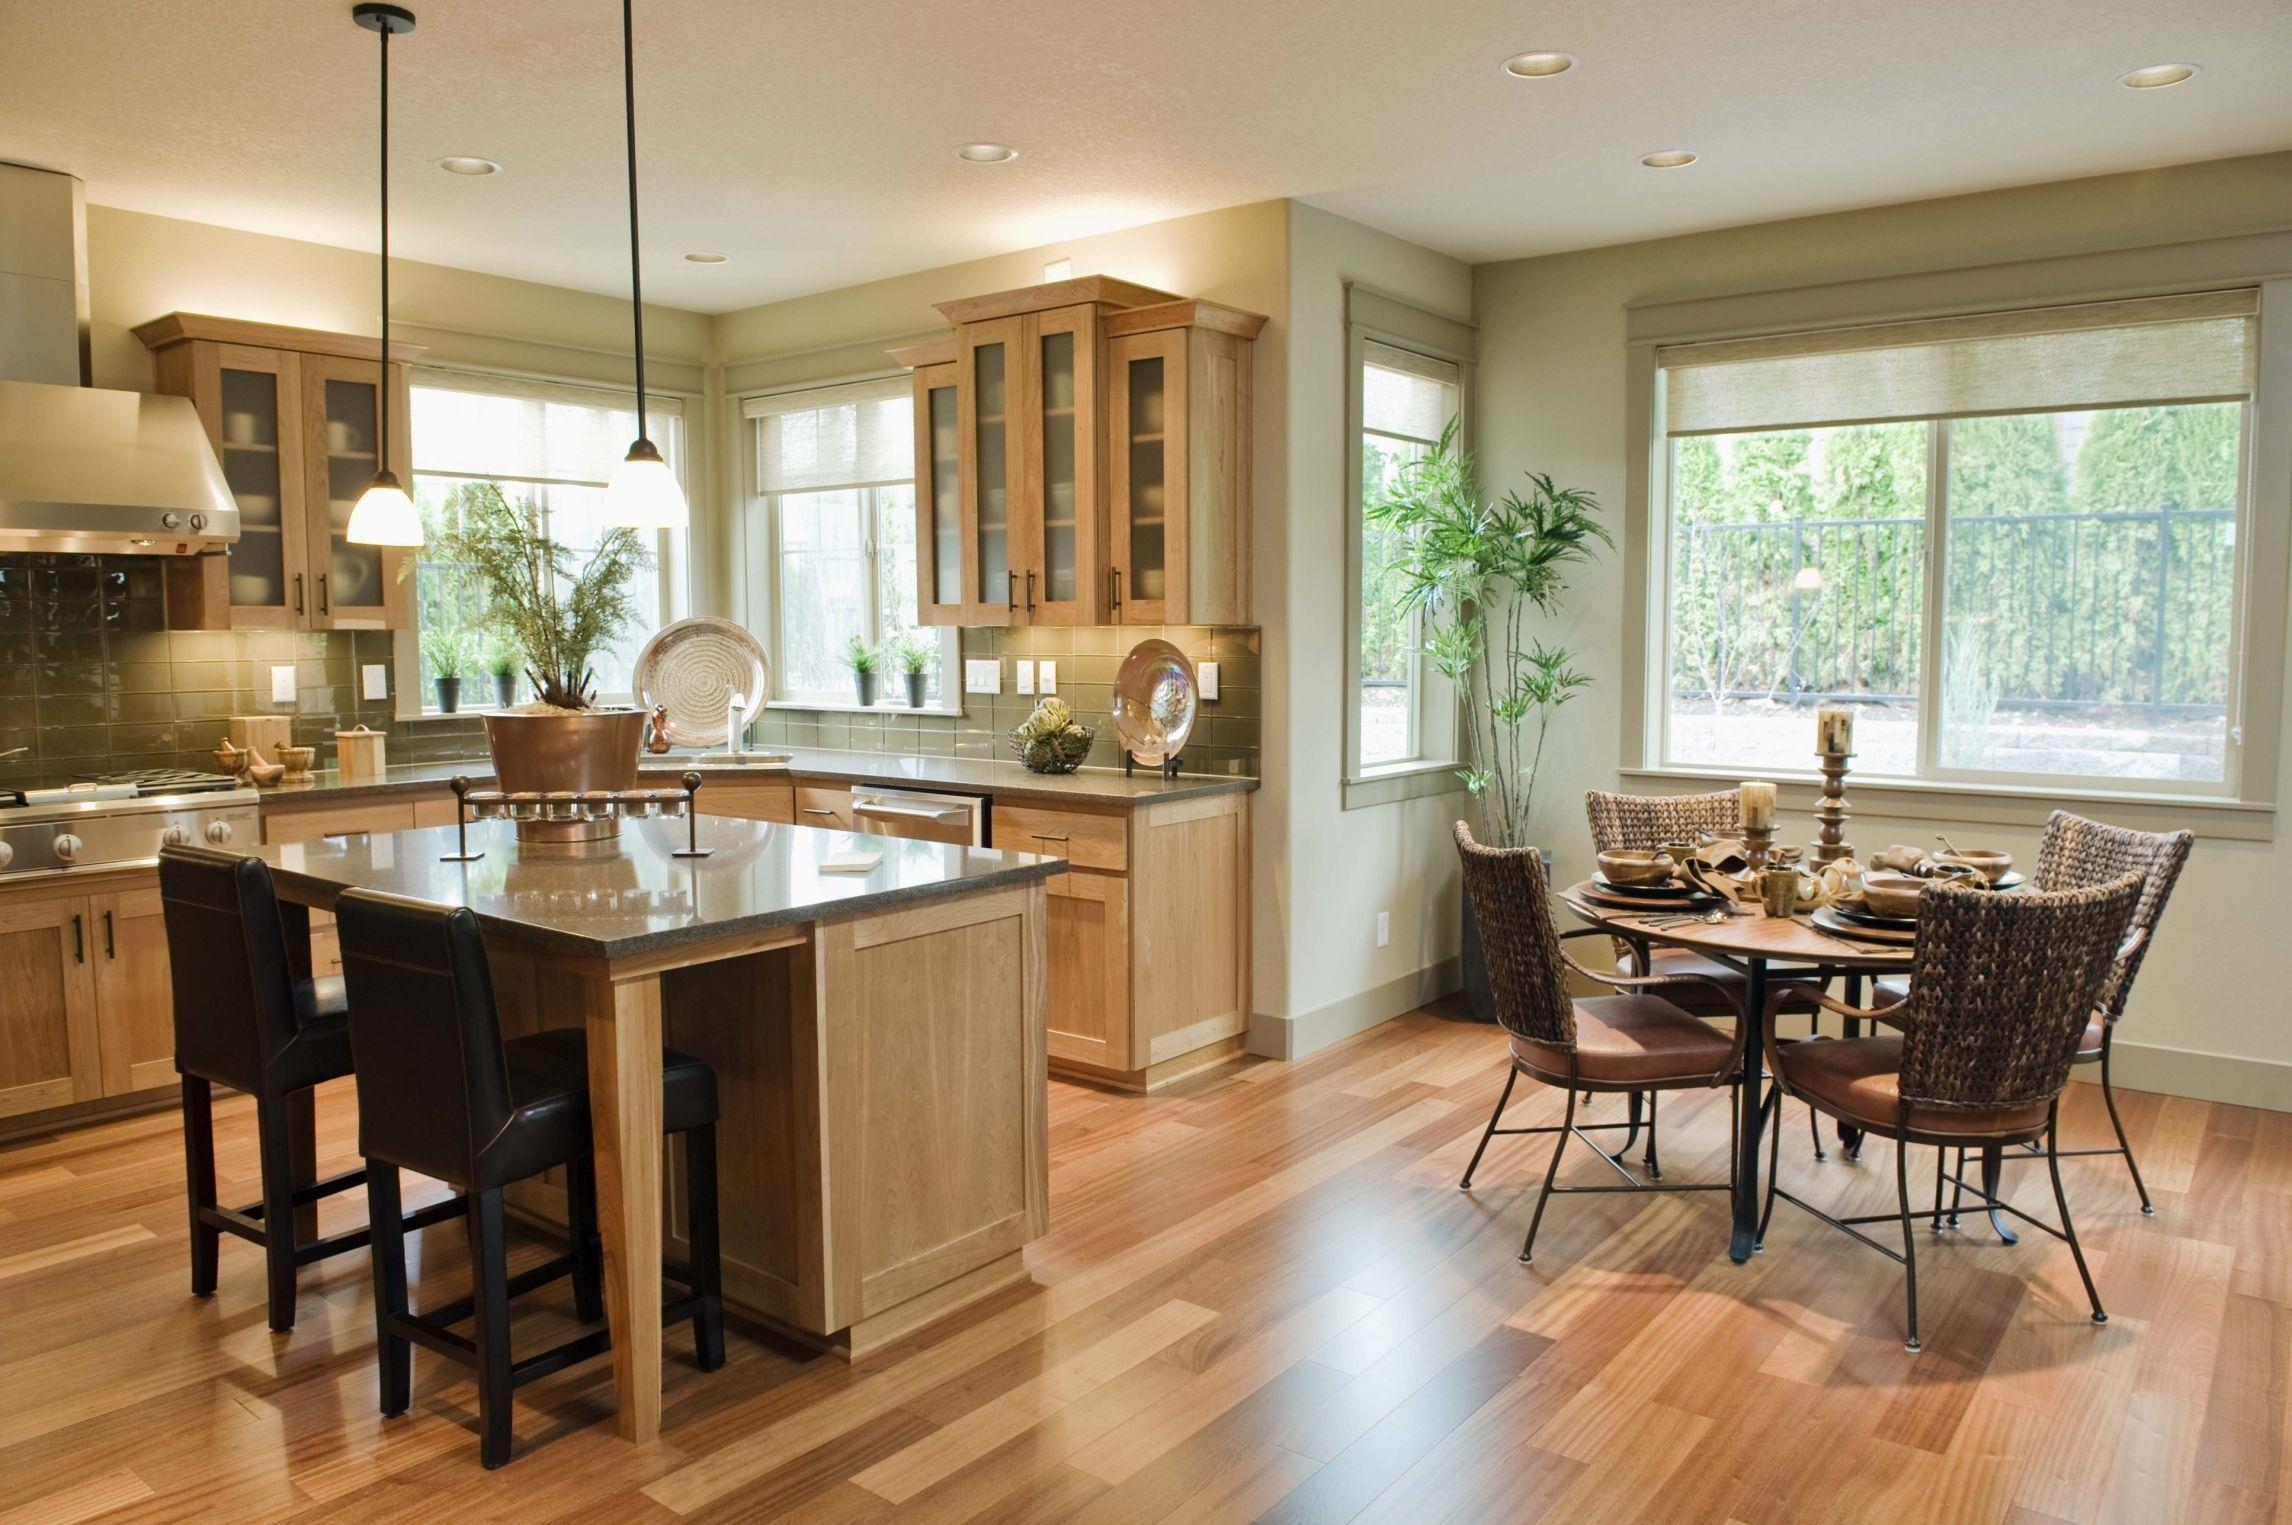 Coordinar gabinete de la cocina piso de madera de color - Quiero Pintar Mi Cocina Y Necesito Ayuda Con Los Colores